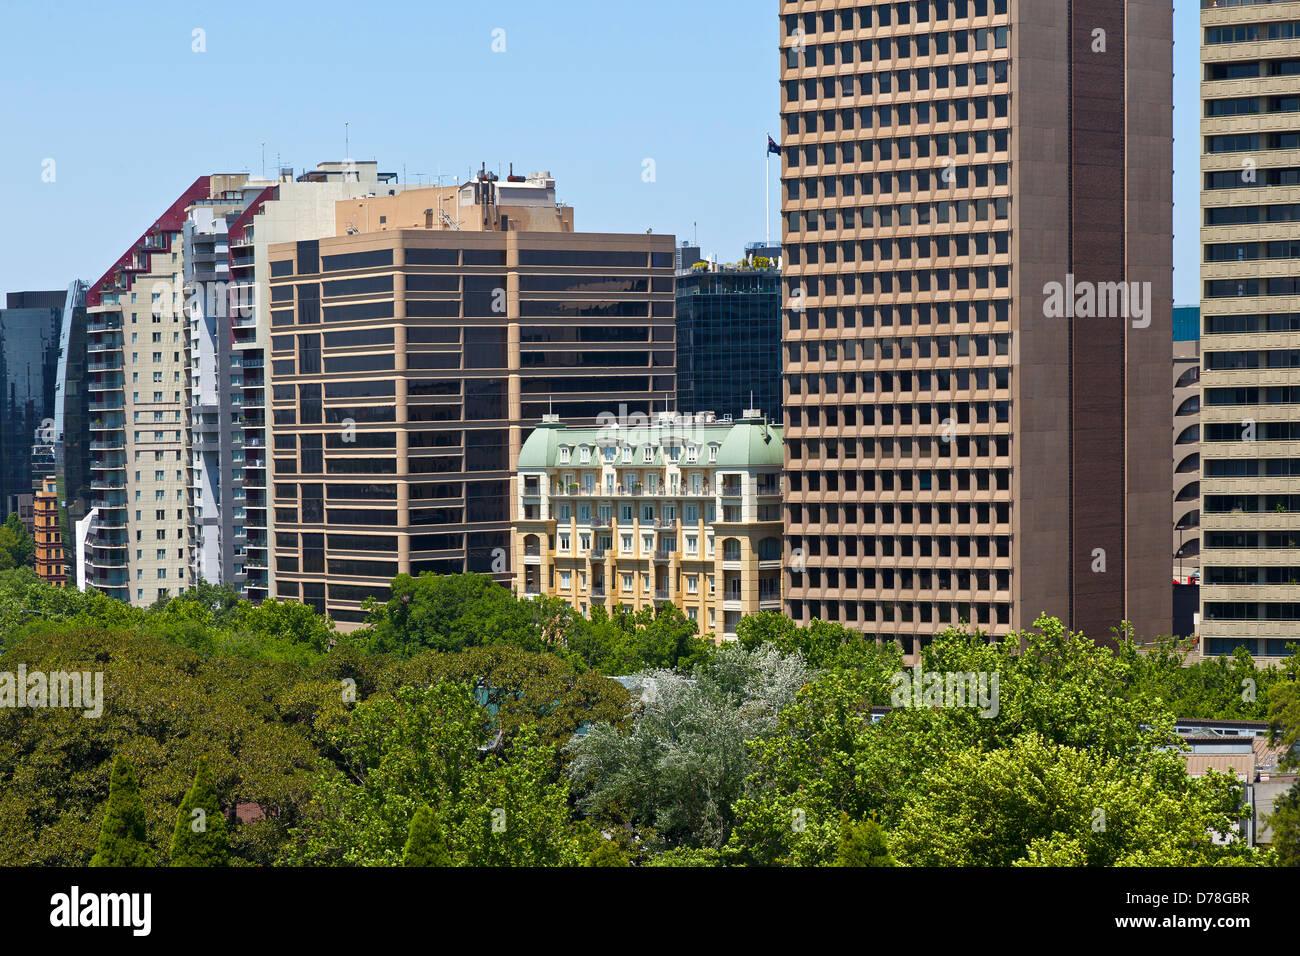 La vieja y nueva arquitectura en Melbourne, Australia Imagen De Stock